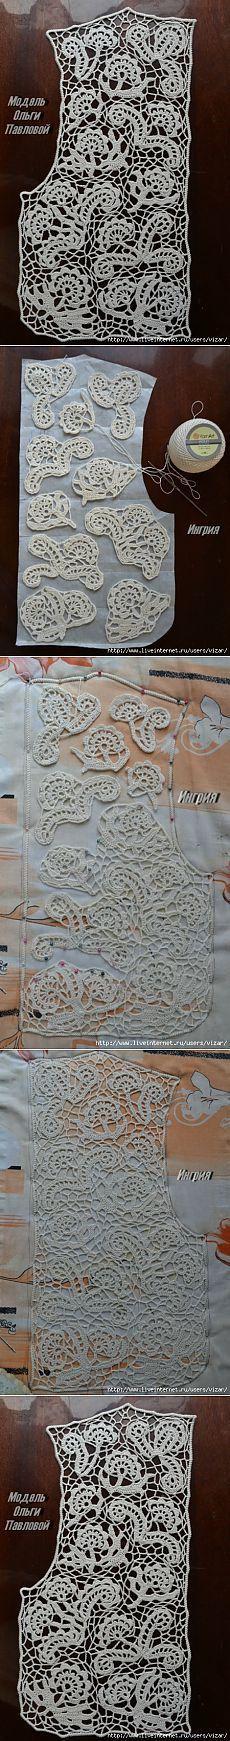 crochet & knitting , handm